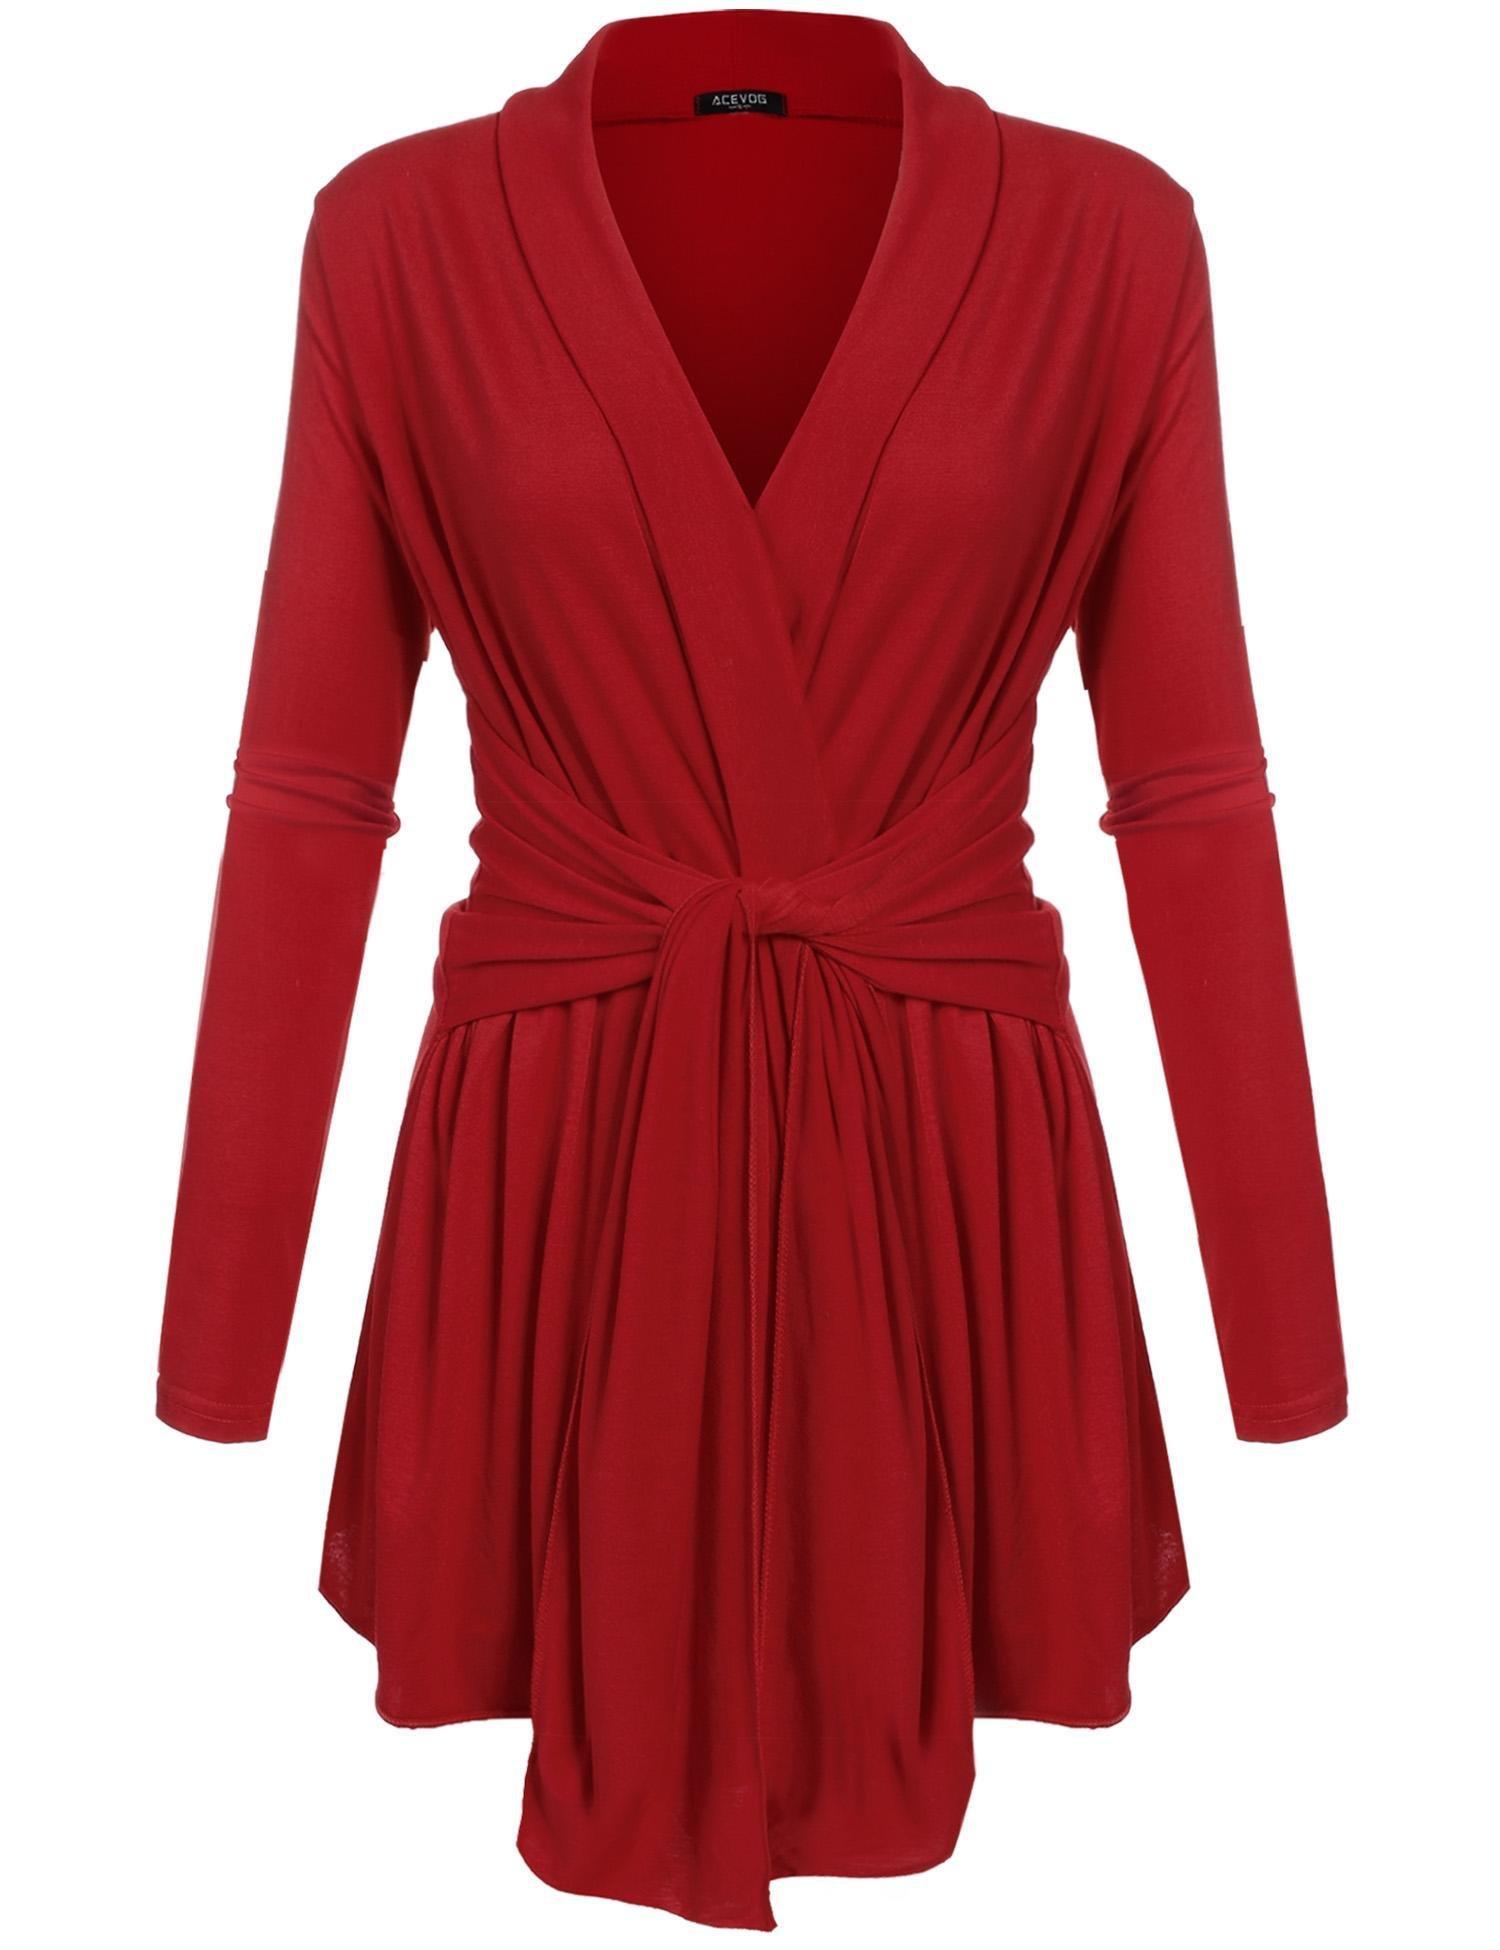 Zeagoo Women's Open Front Knit Long Sleeve Belted Outwear Sweater Cardigan Red M